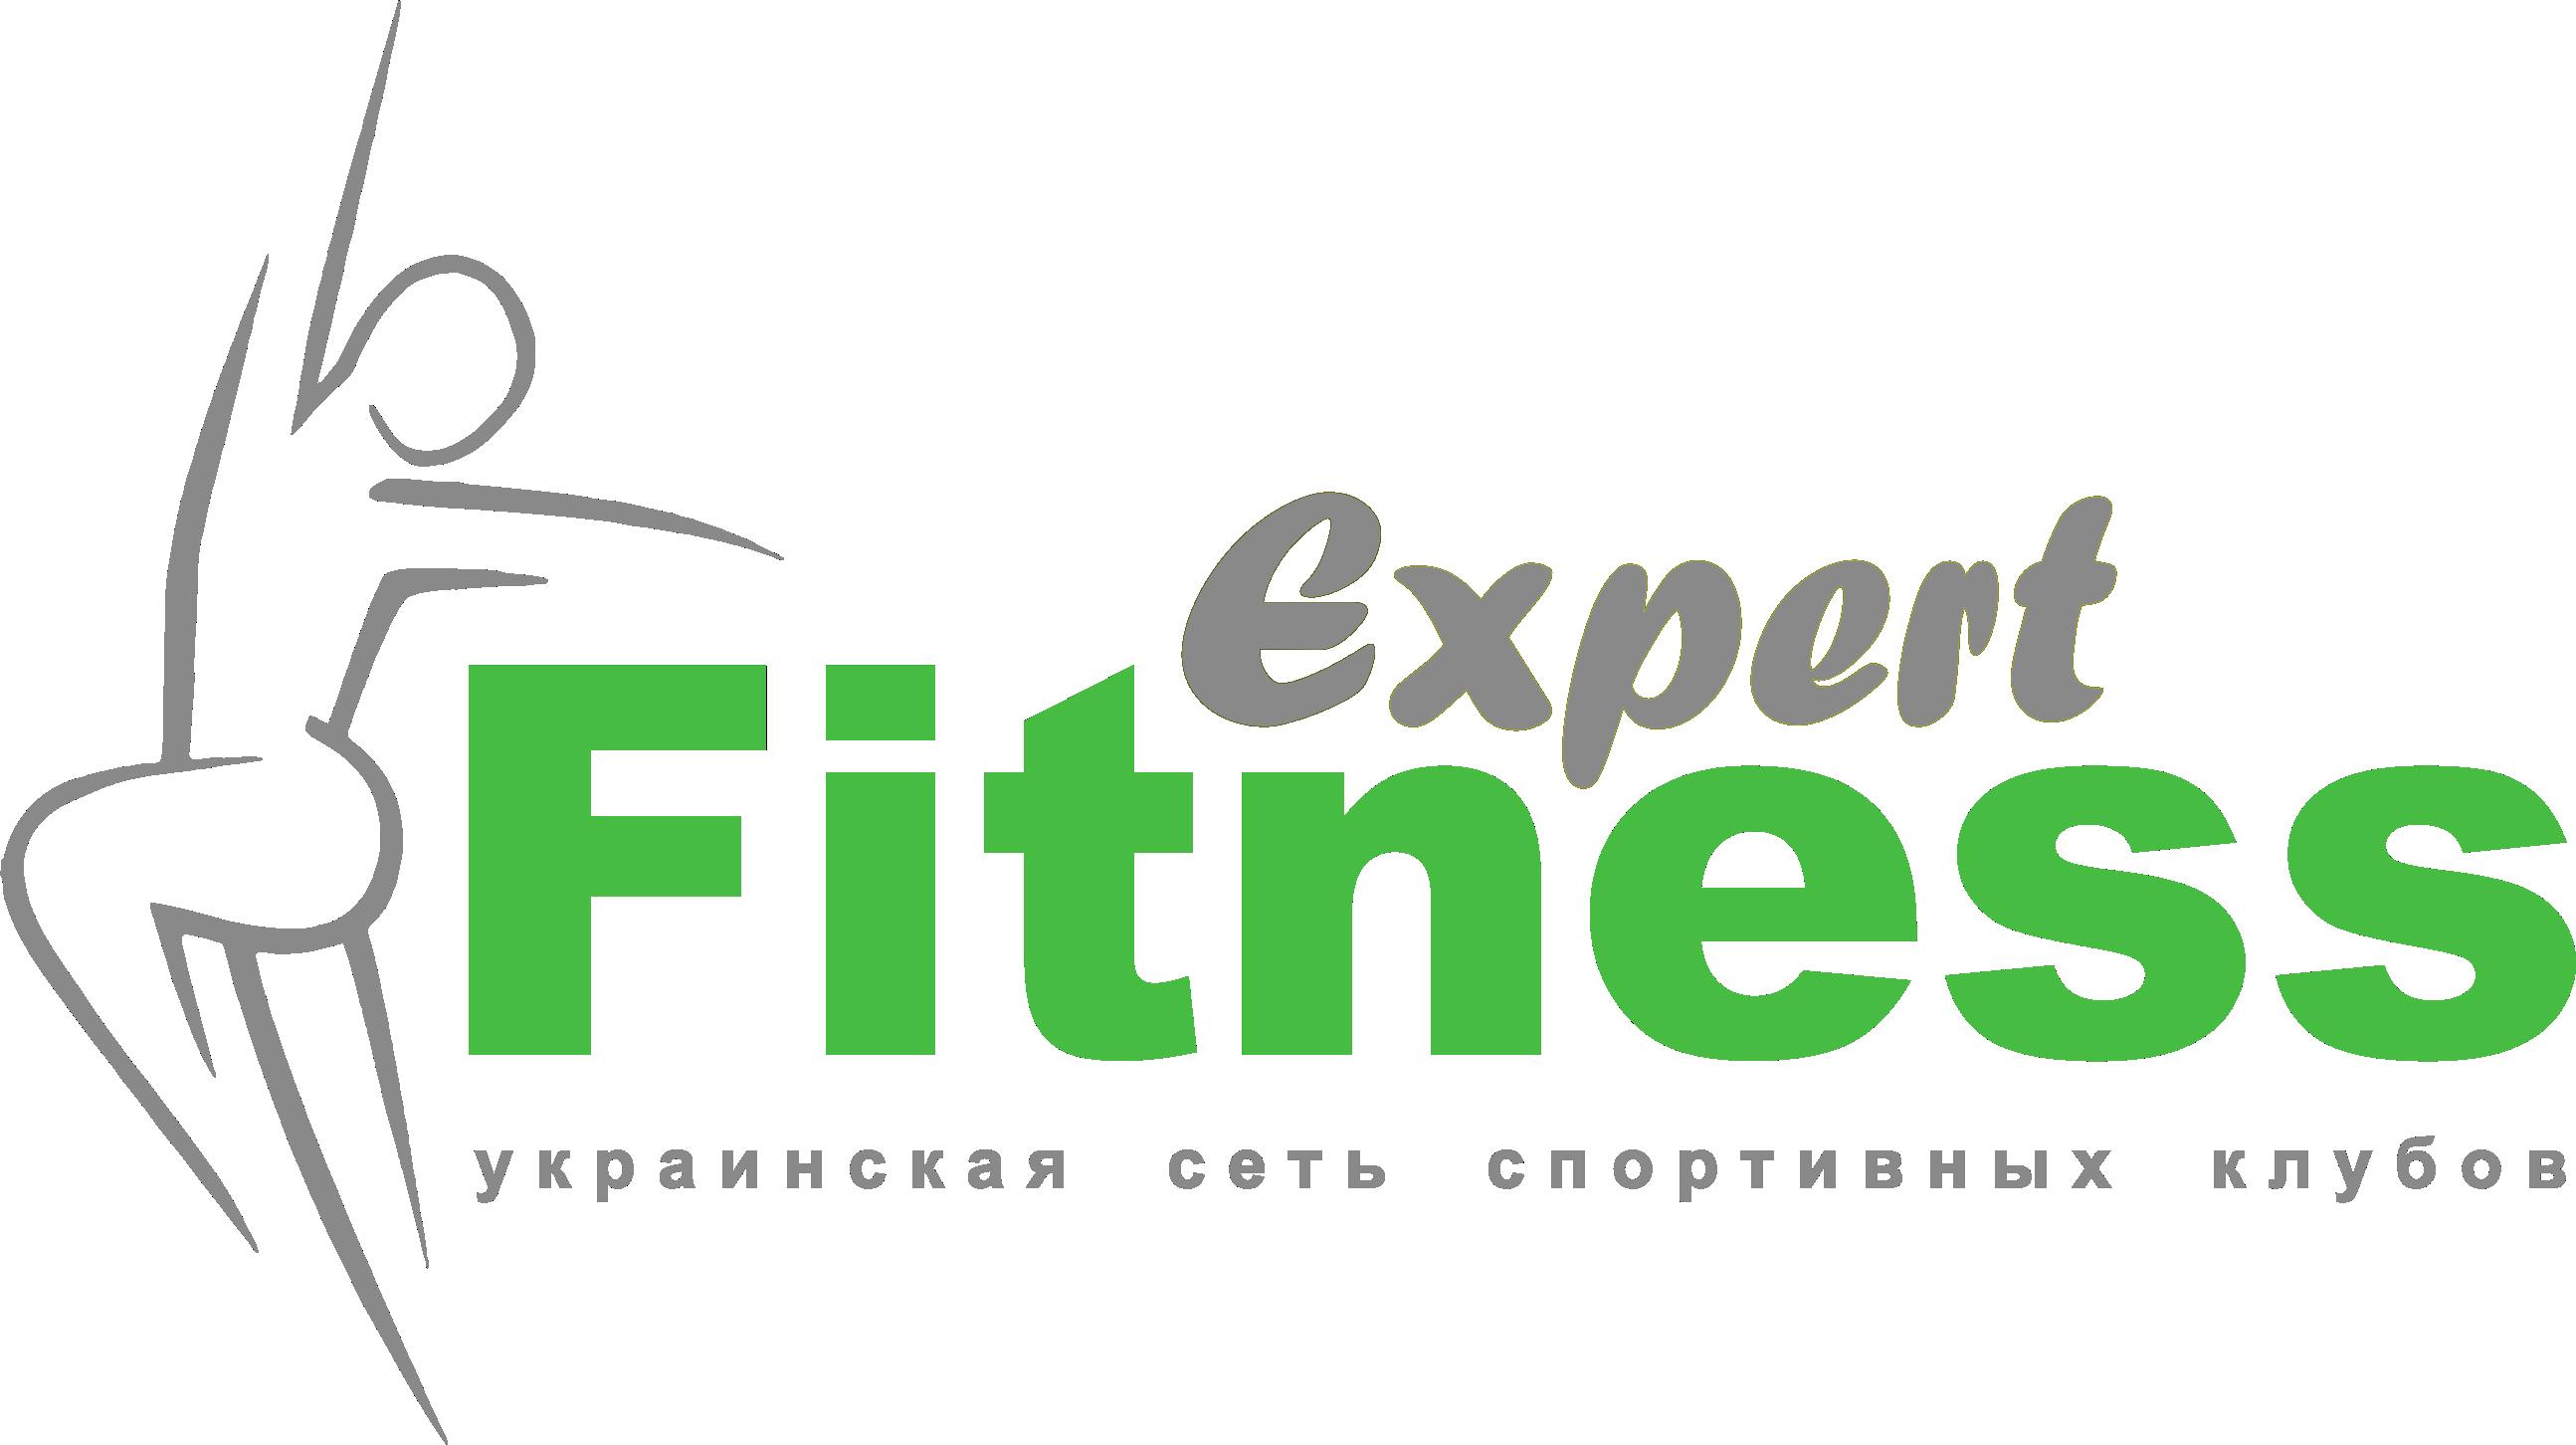 www.fitexpert.net.ua